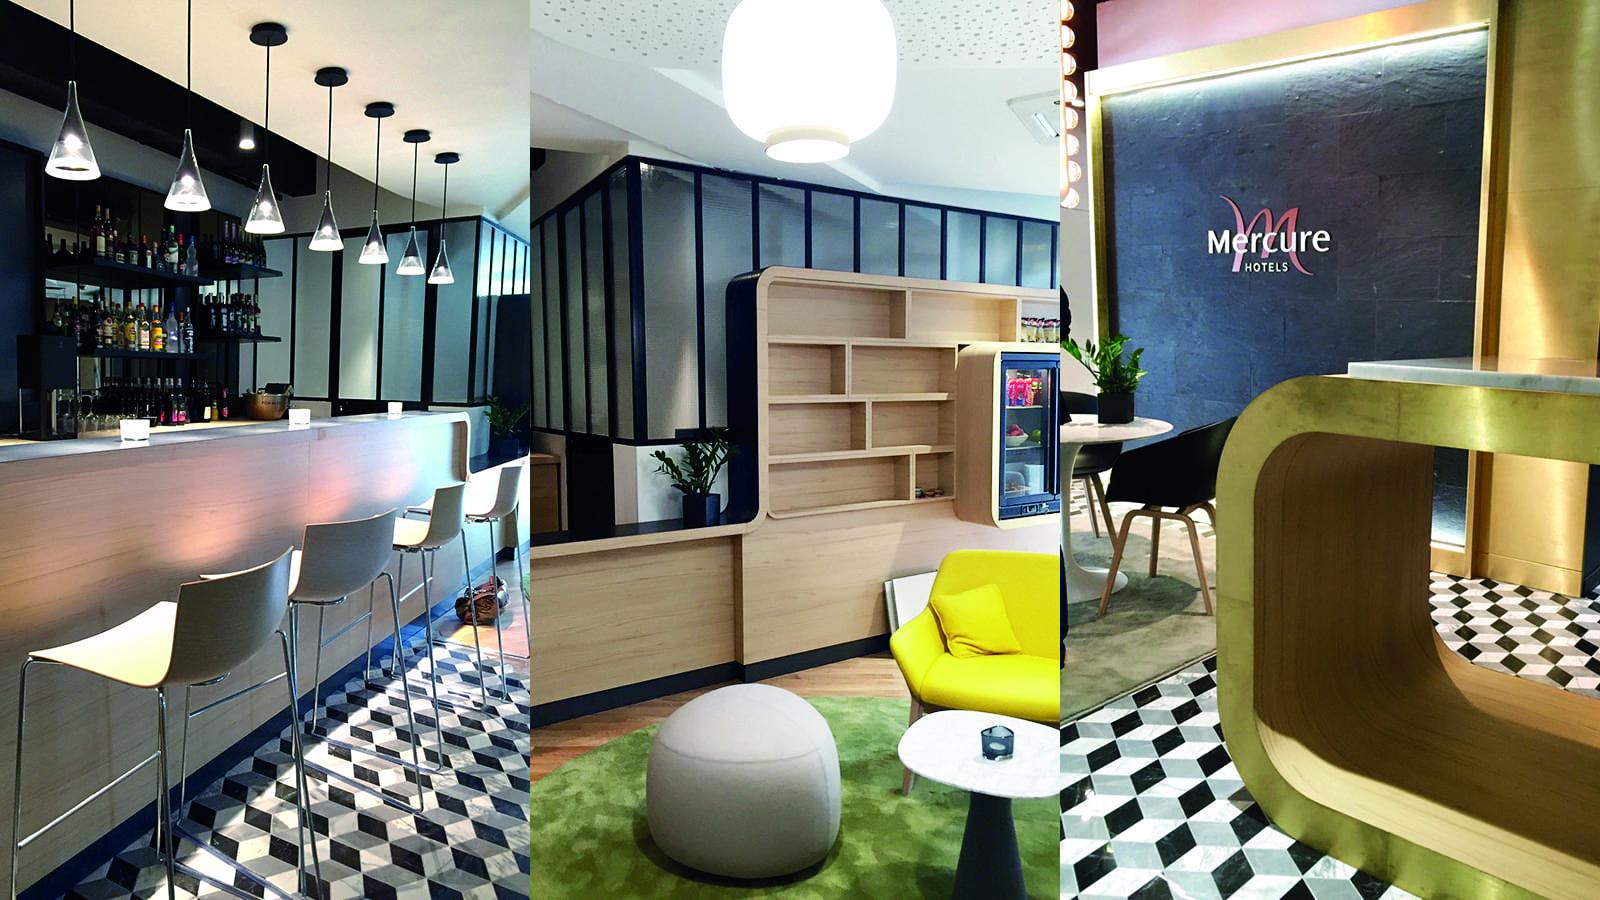 EFI Design Hotel Mercure Nantes Efi Design (5) 1202